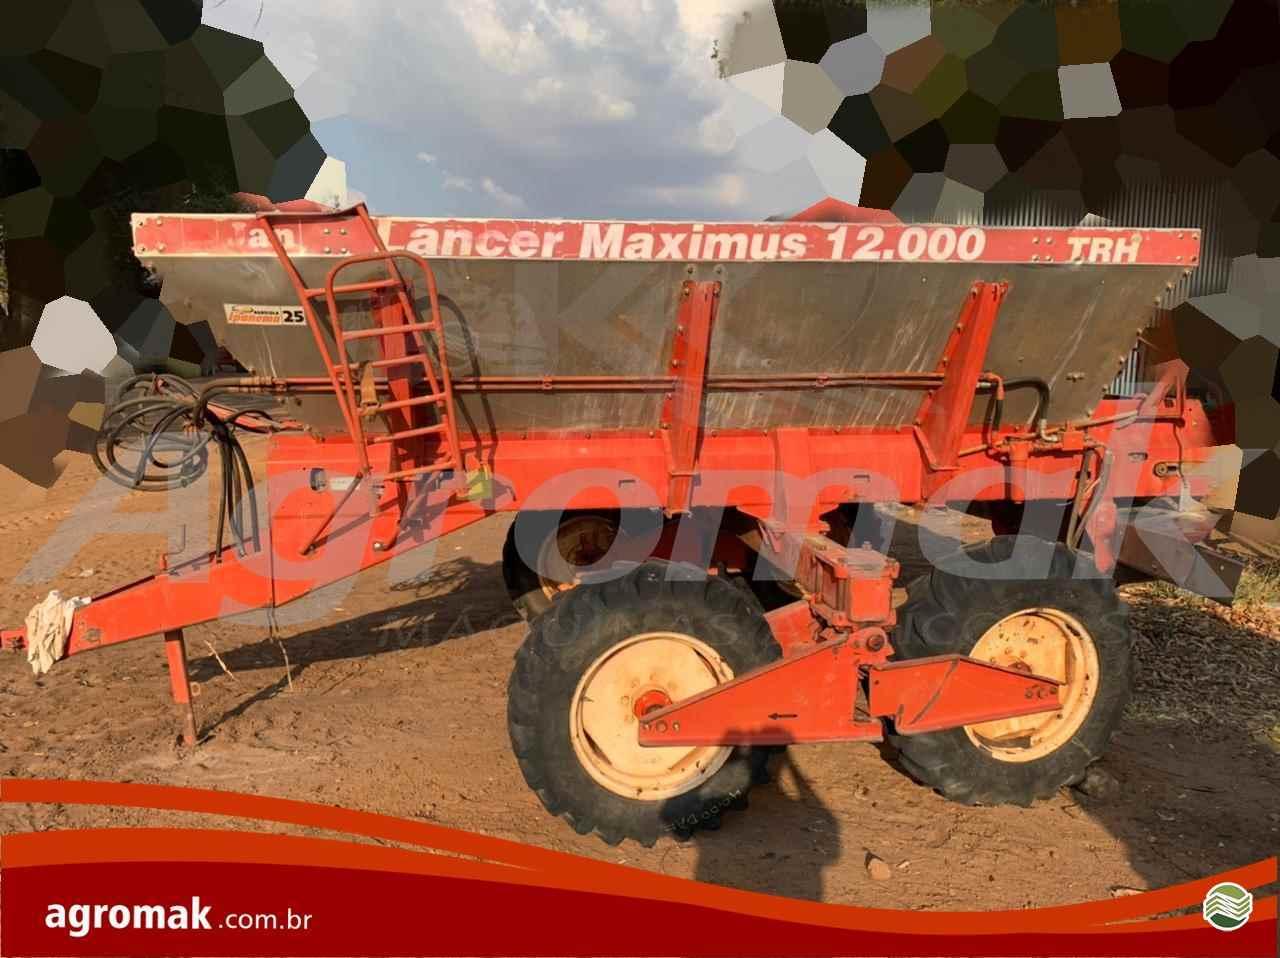 IMPLEMENTOS AGRICOLAS DISTRIBUIDOR DISTRIBUIDOR 12000 Agromak Máquinas Agrícolas CAMPO VERDE MATO GROSSO MT